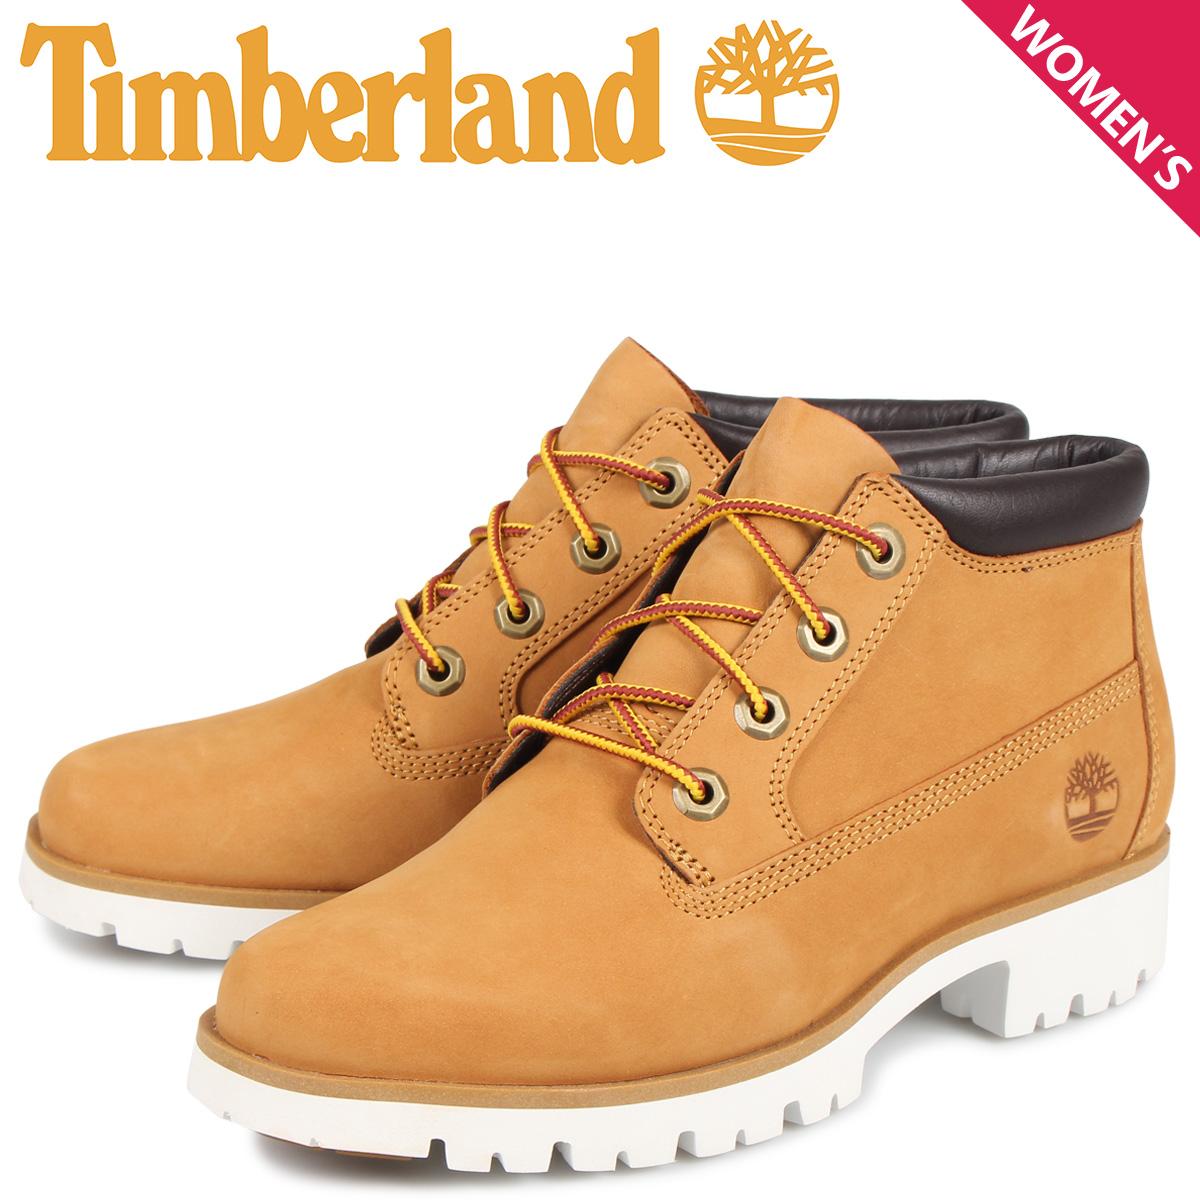 ティンバーランド Timberland ブーツ レディース チャッカ クラシック ライト ネリー WOMENS CLASSIC LIGHT NELLY CHUKKA BOOTS ウィート A1XF7